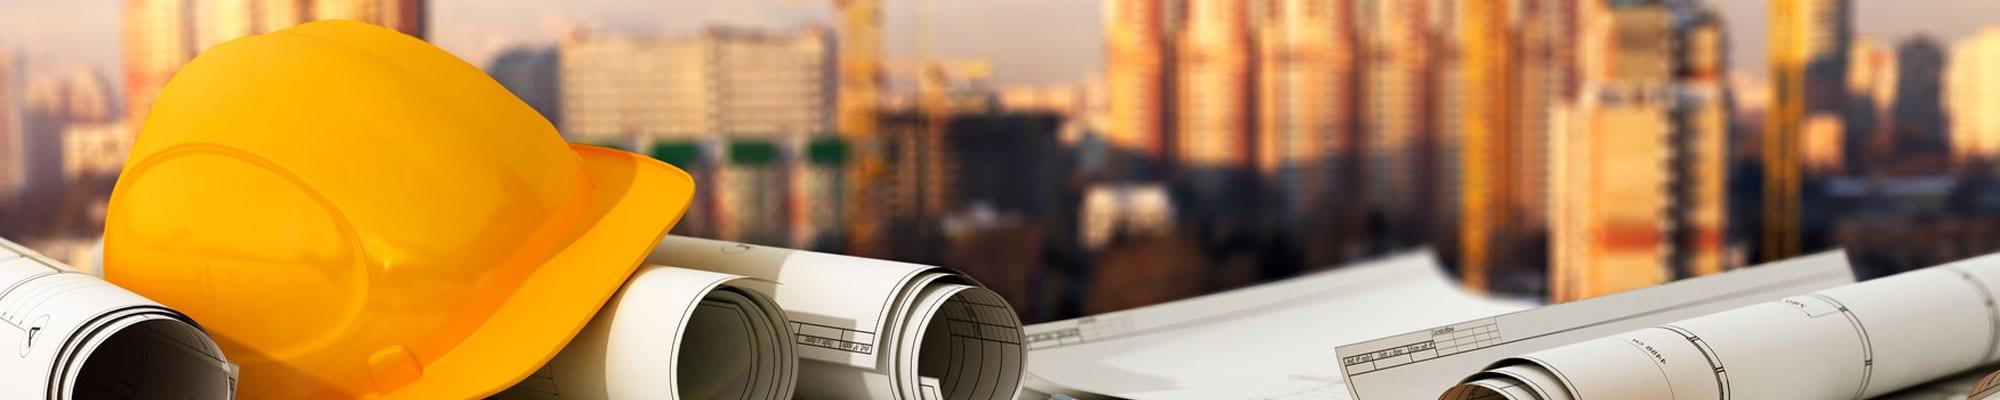 Consultoría para fabricantes de materiales de construcción